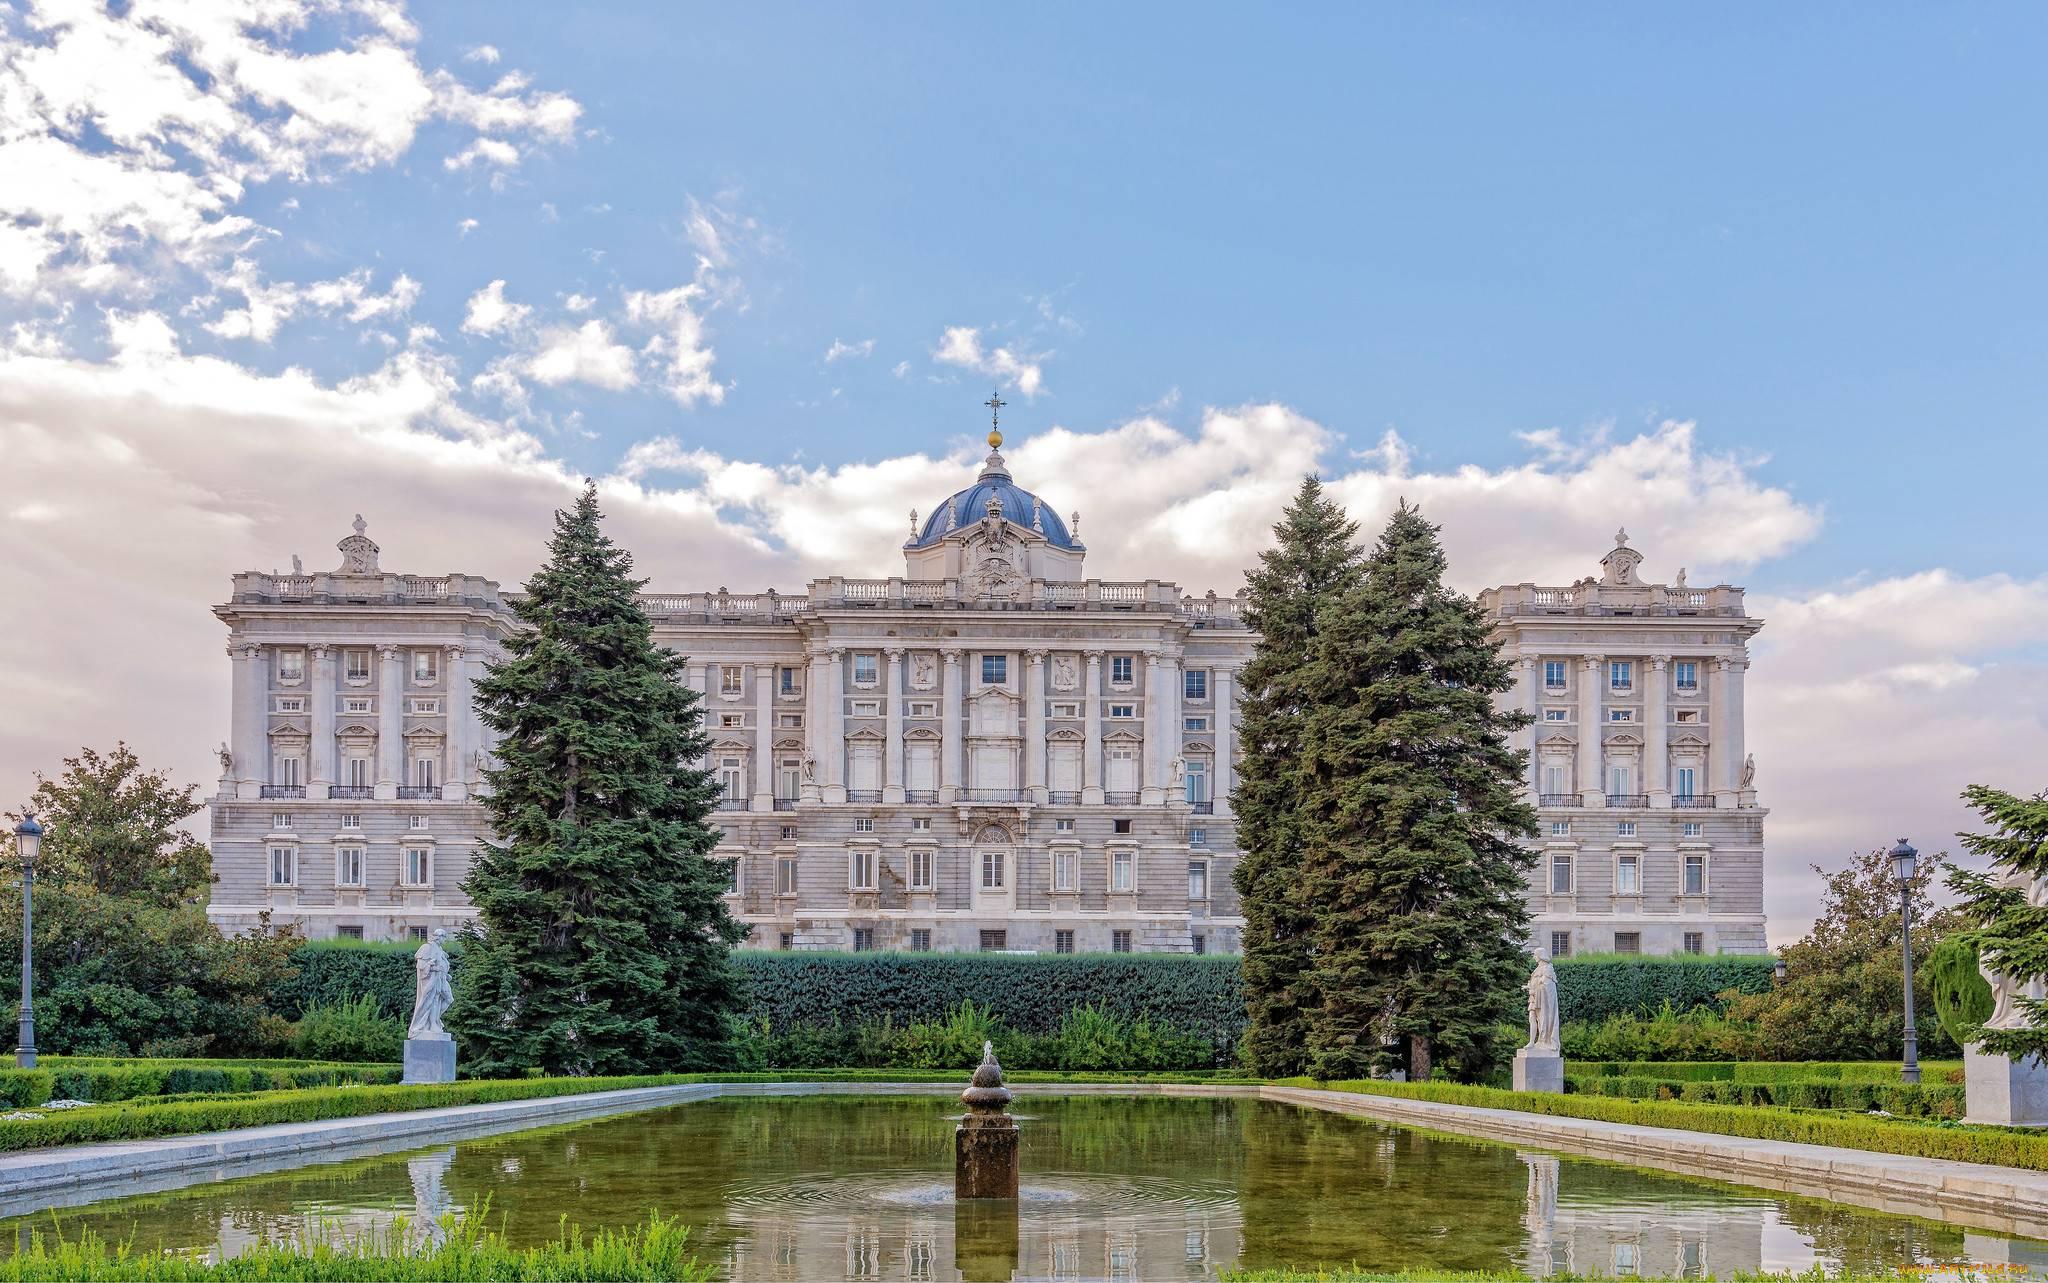 О мадридском королевском дворце в испании: интерьер, музейные сокровища